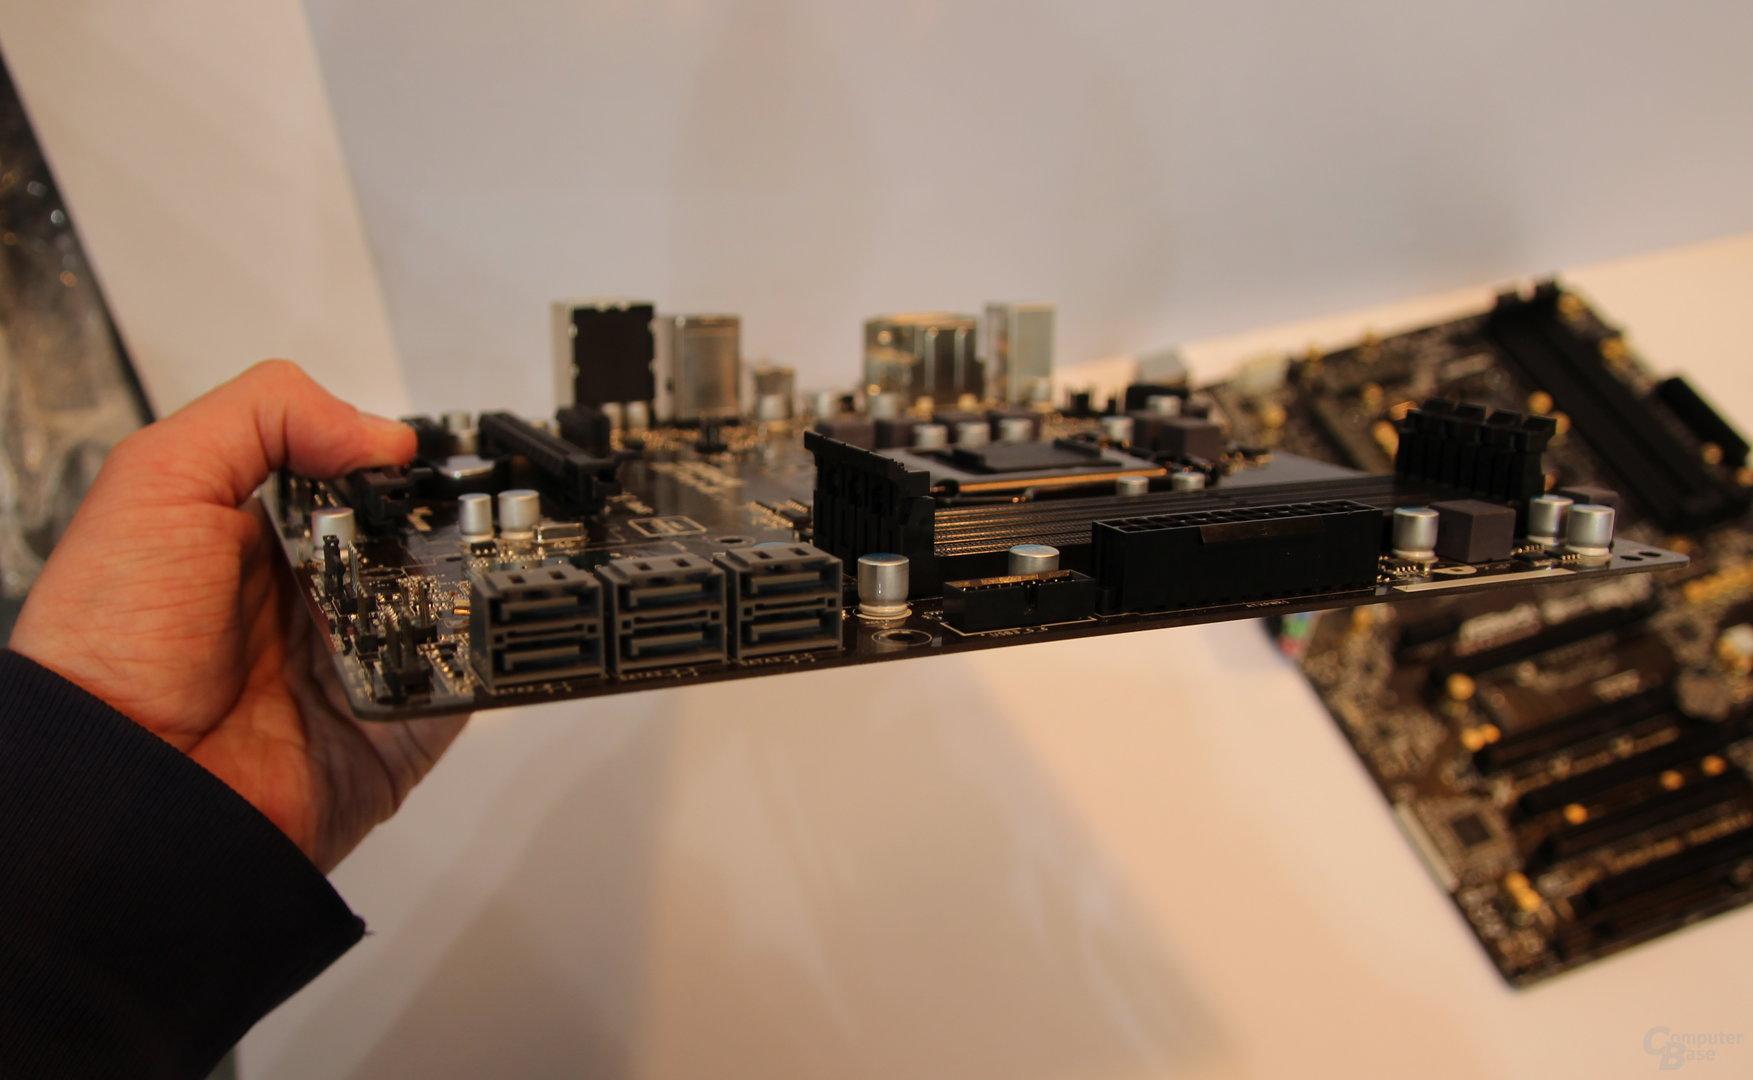 ASRock Z87 Pro4-M